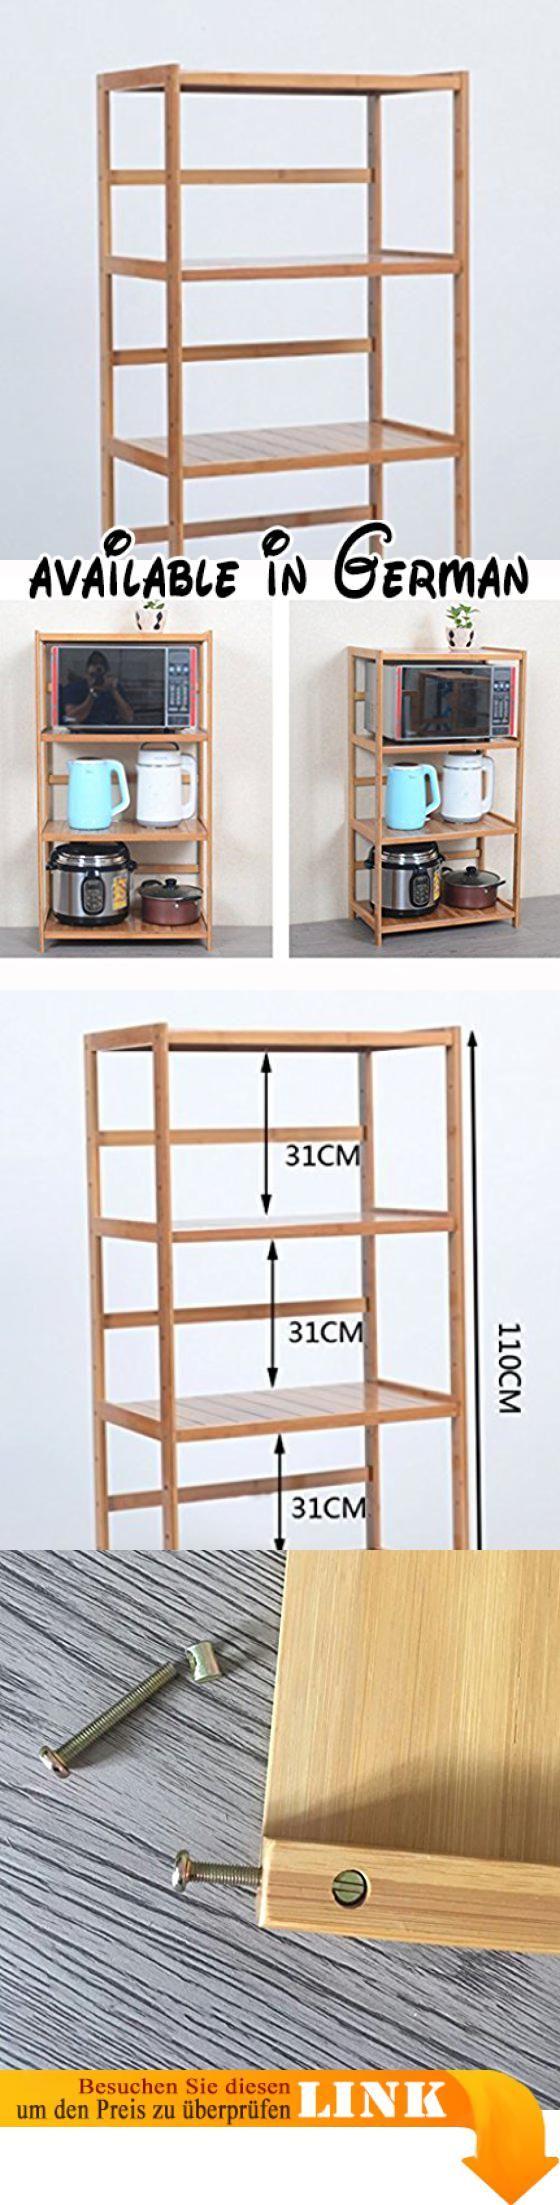 Küchenwagen im design bcxkpvg  hwf küchenwagen  ebenen mikrowellenherd rack küche